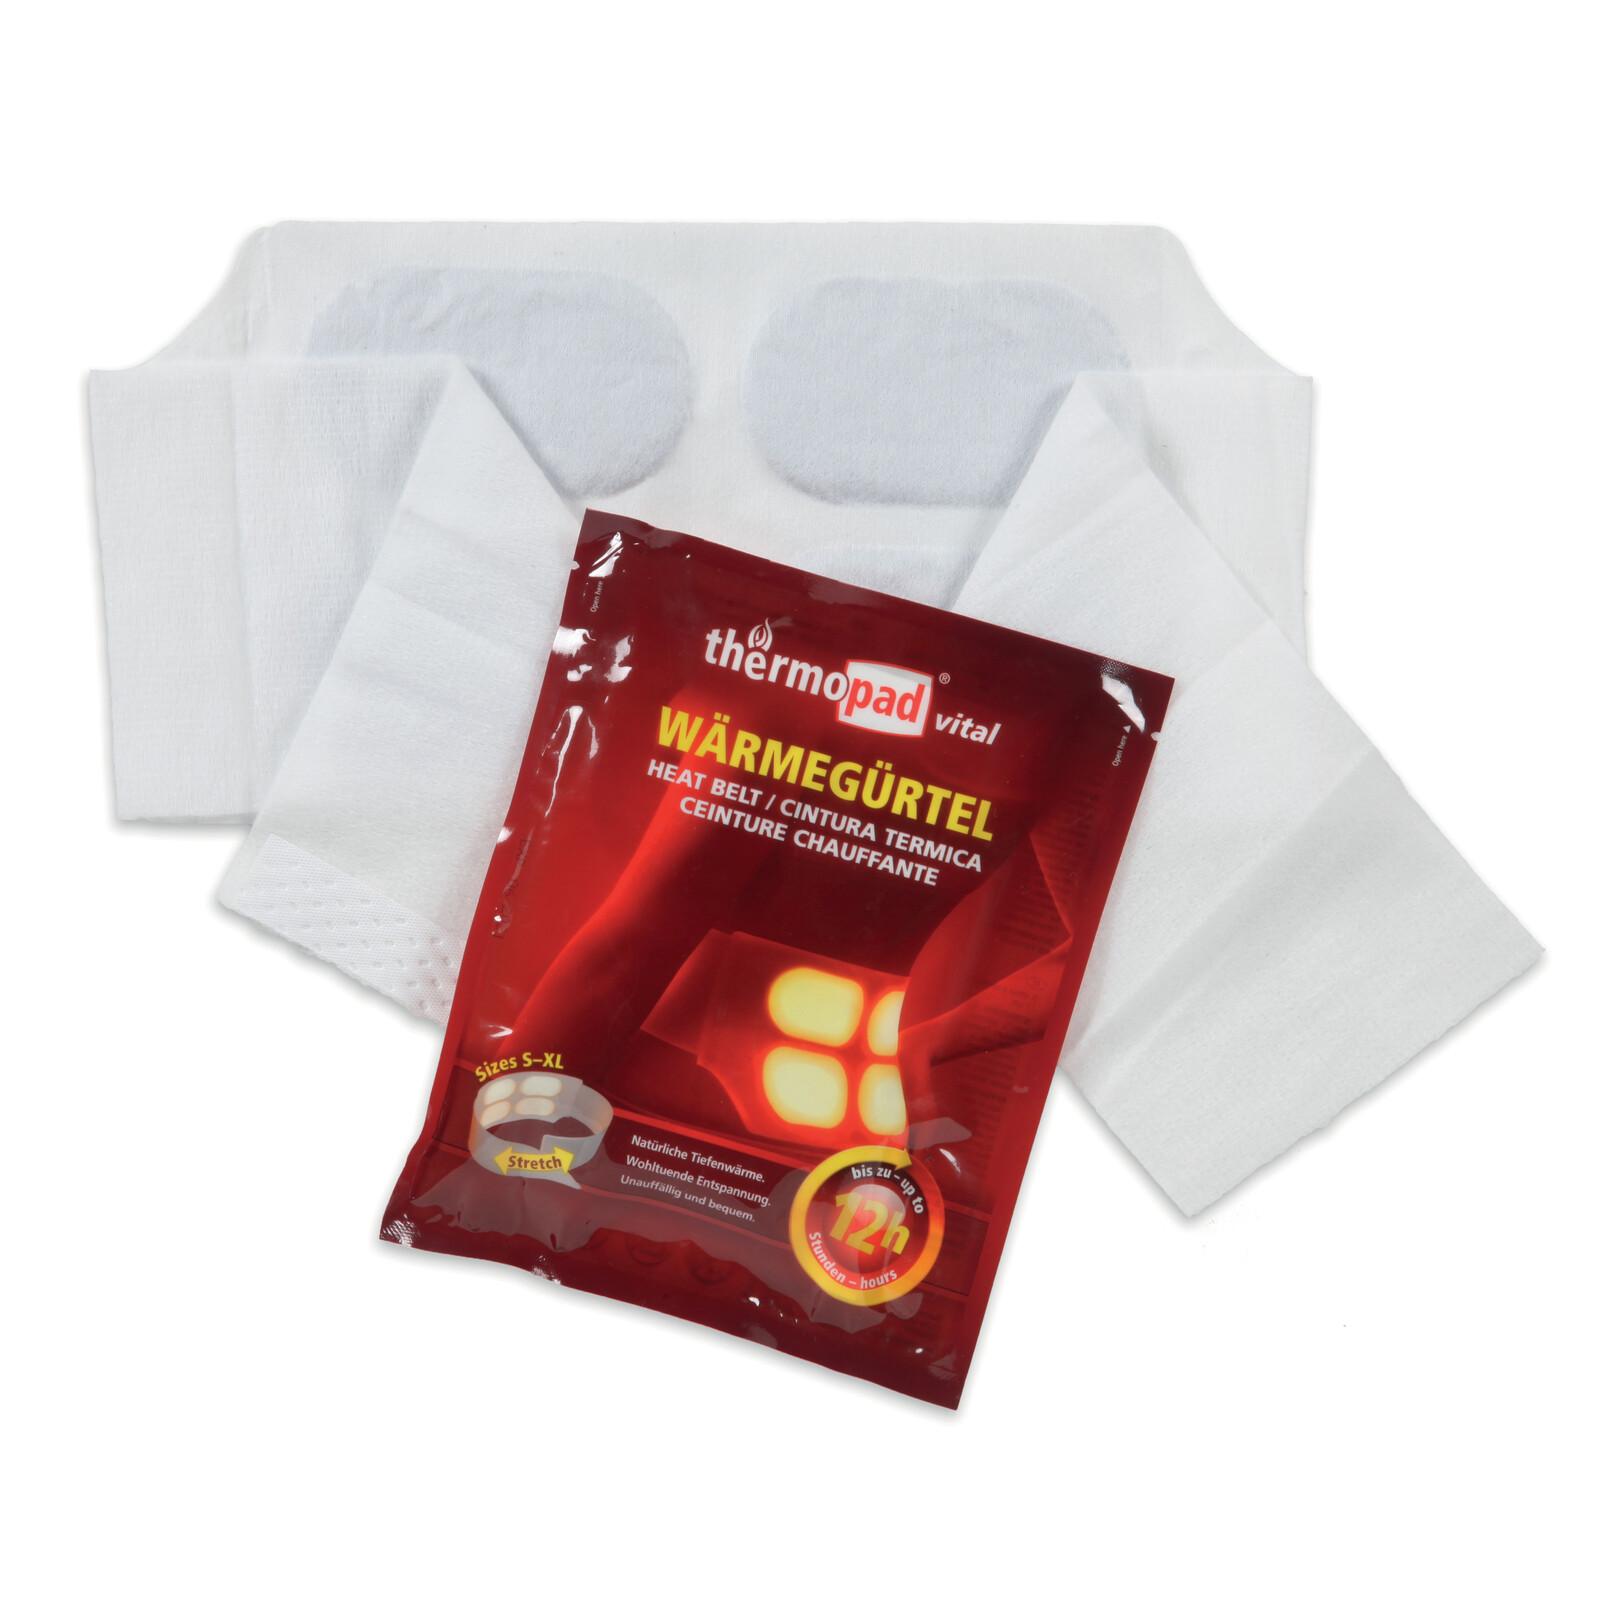 Thermopad Wärmegürtel Box mit 3 Stk